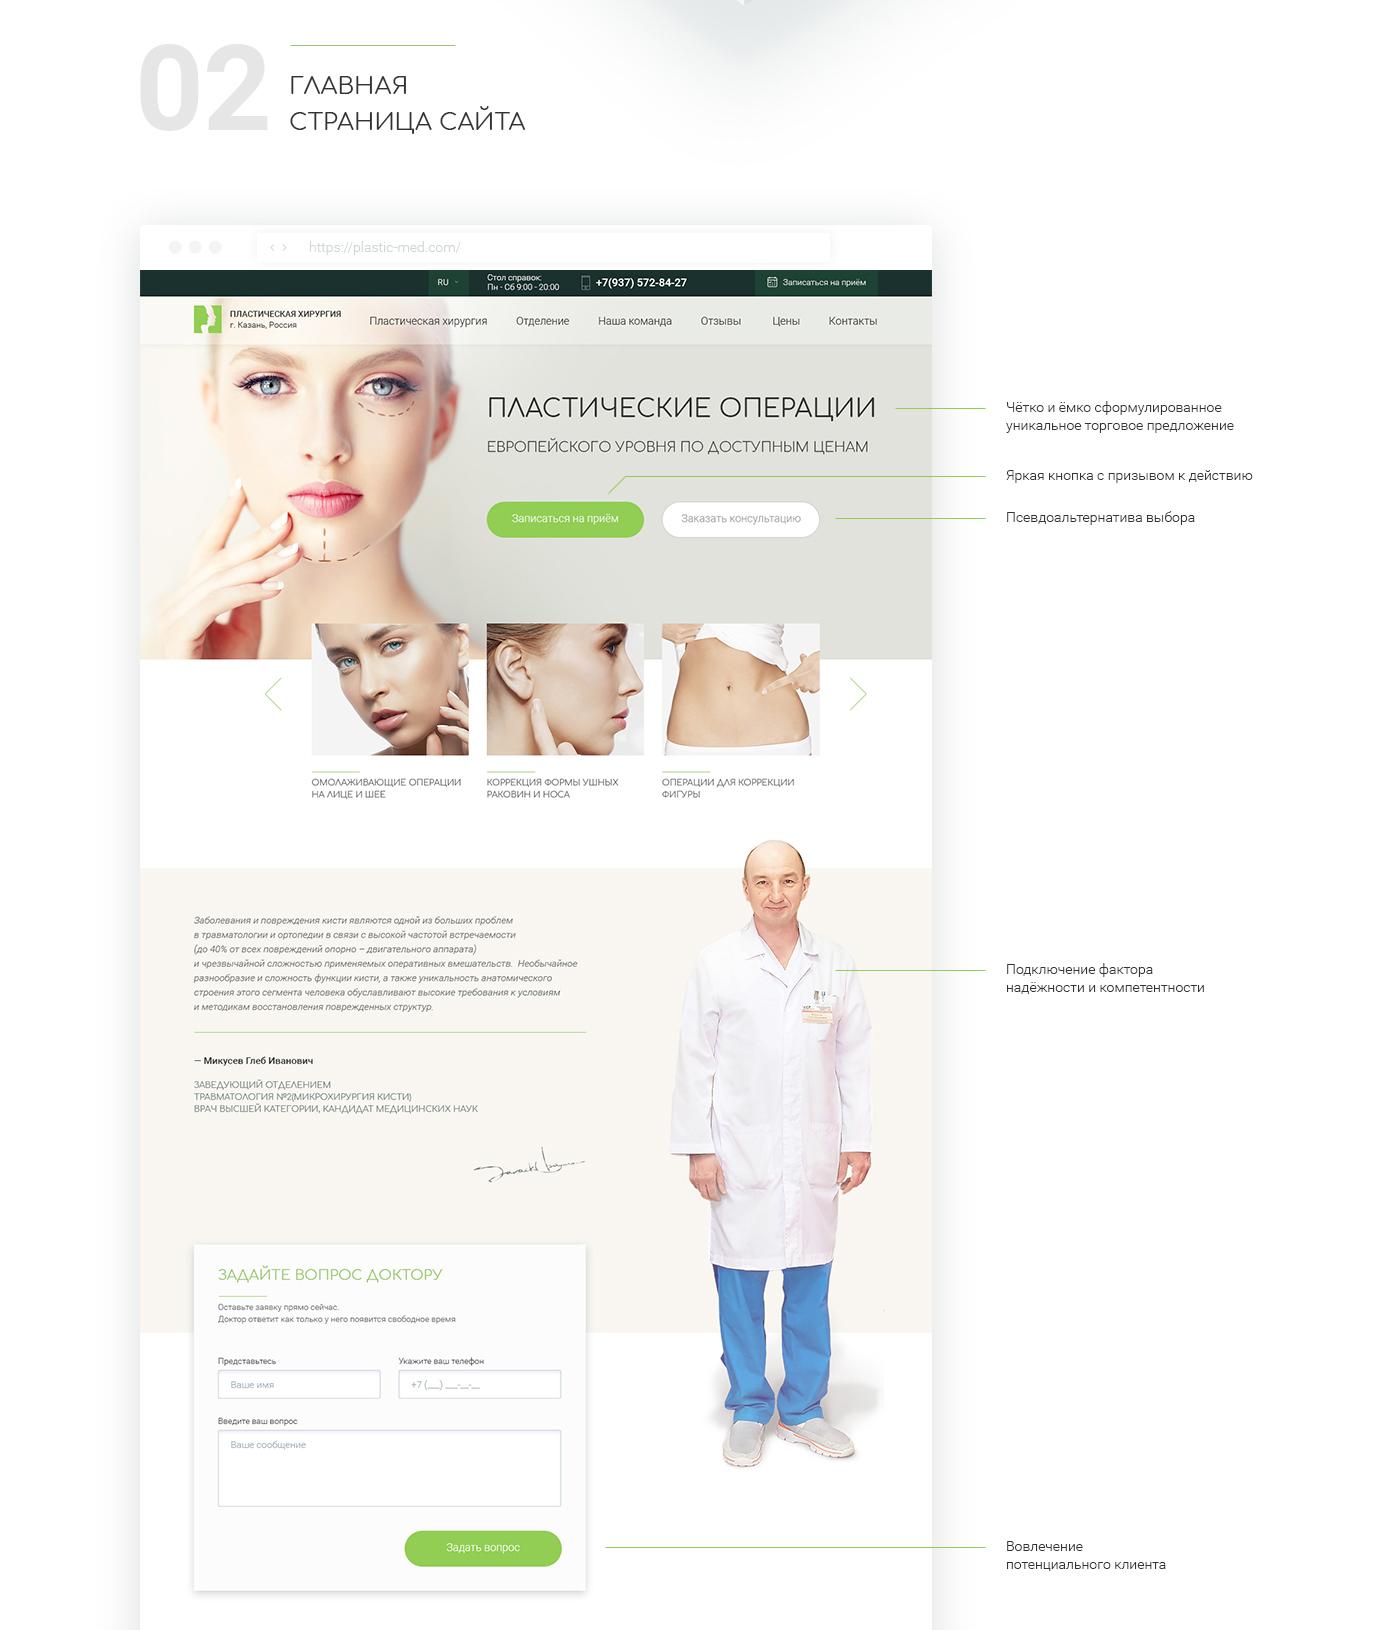 Адаптивный дизайн для сайта отделения пластической микрохирургии